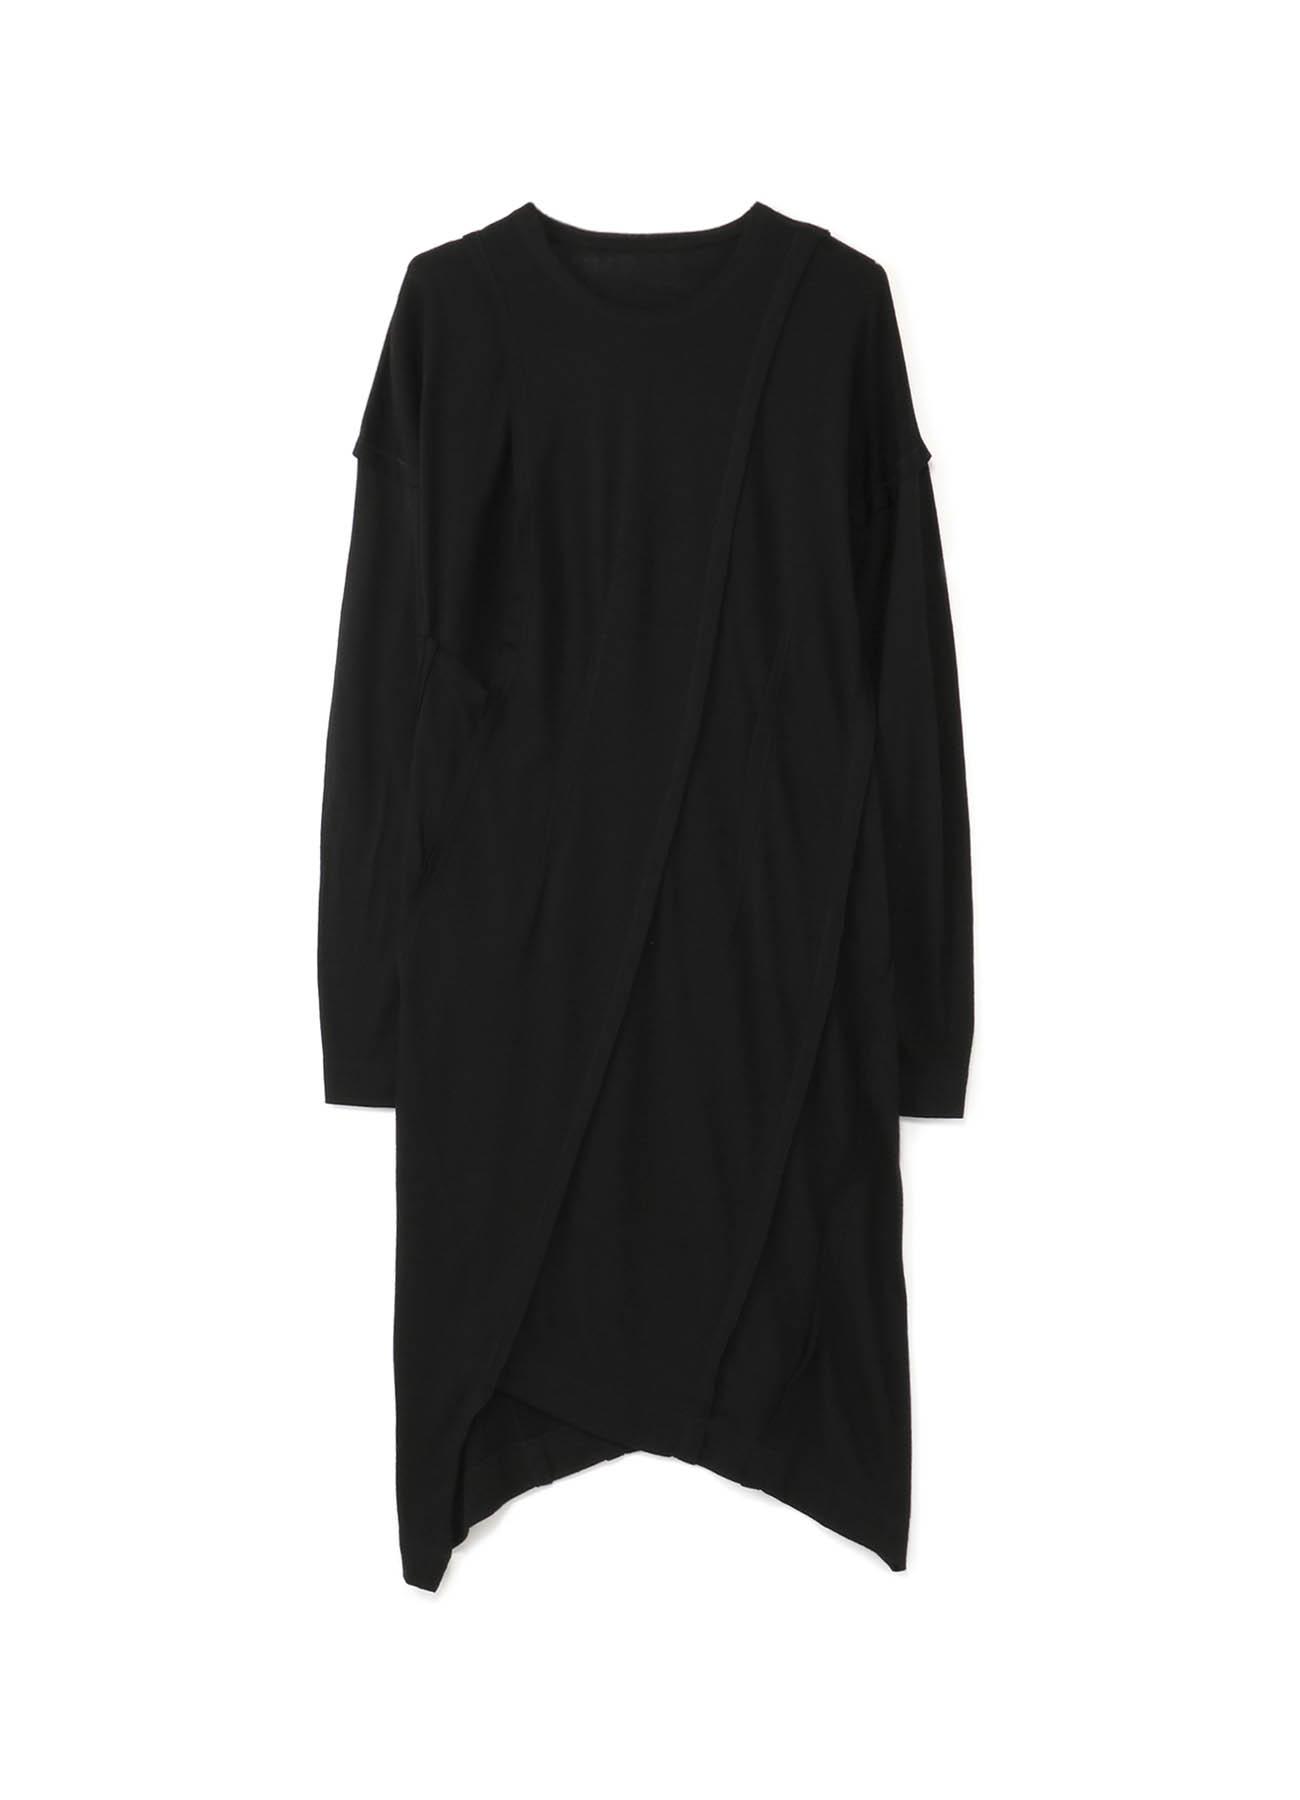 羊毛拼接设计长款上衣